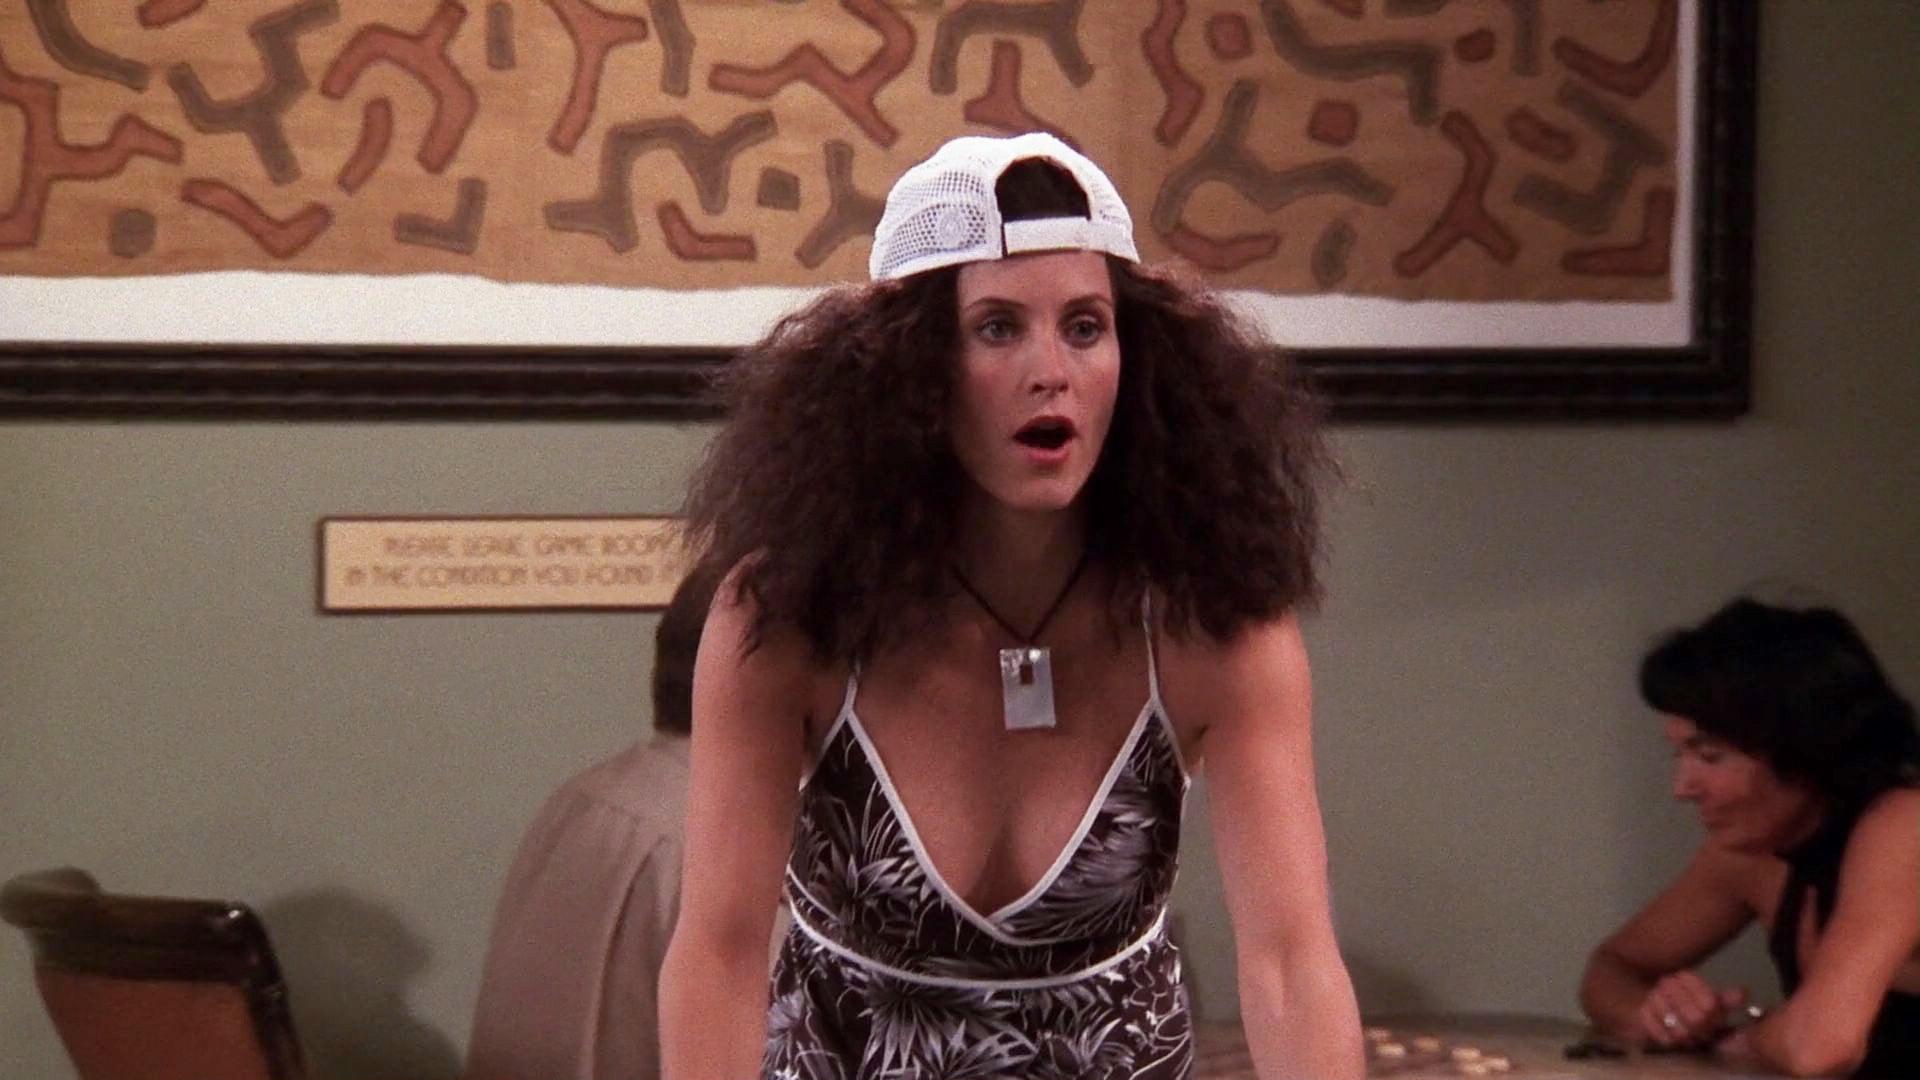 Descubra qual é o episódio mais engraçado de Friends - 5